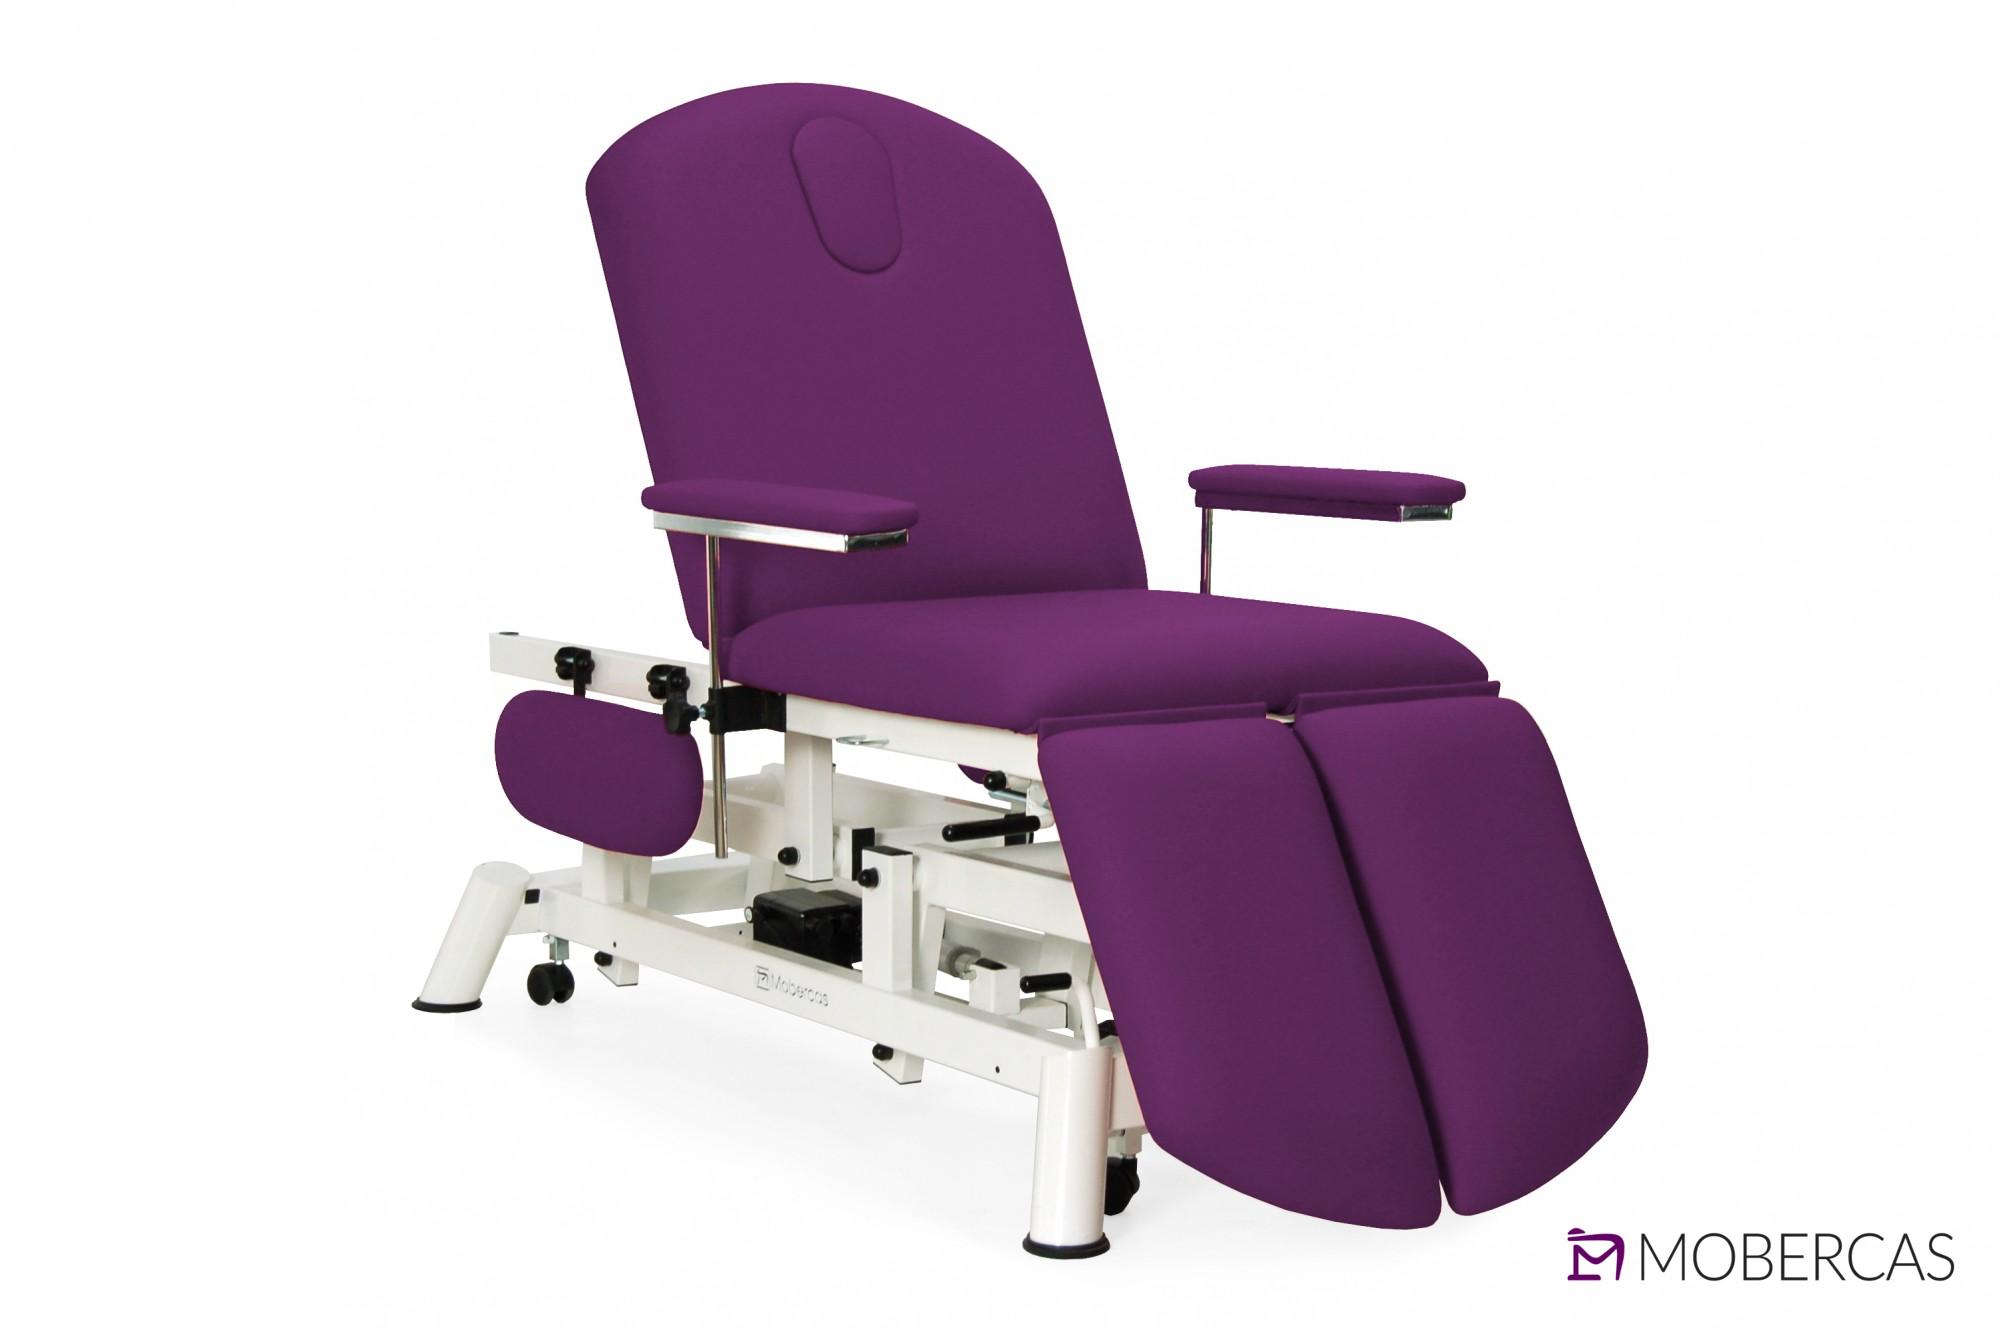 Table de massage électrique multiplans CE-2135-2BPR